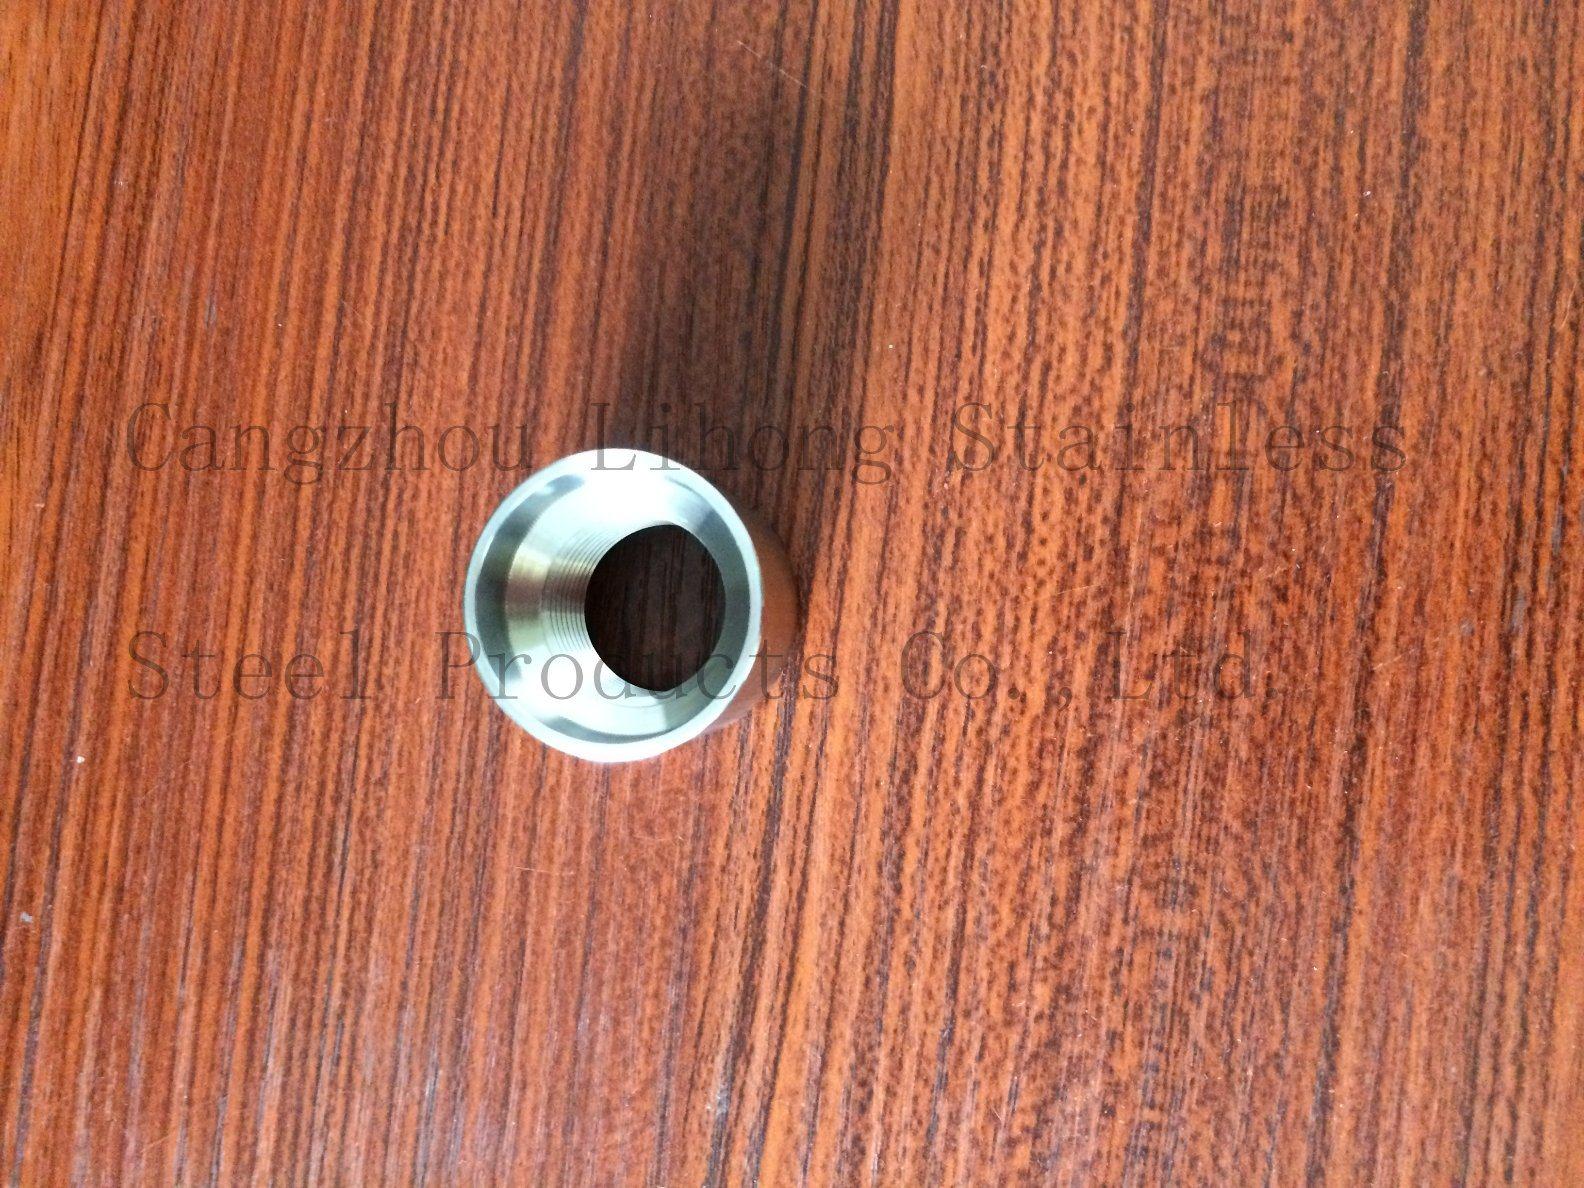 Raccordo per tubi in acciaio inox DIN2999 316L connettore femmina interno ed esterno Lavorato